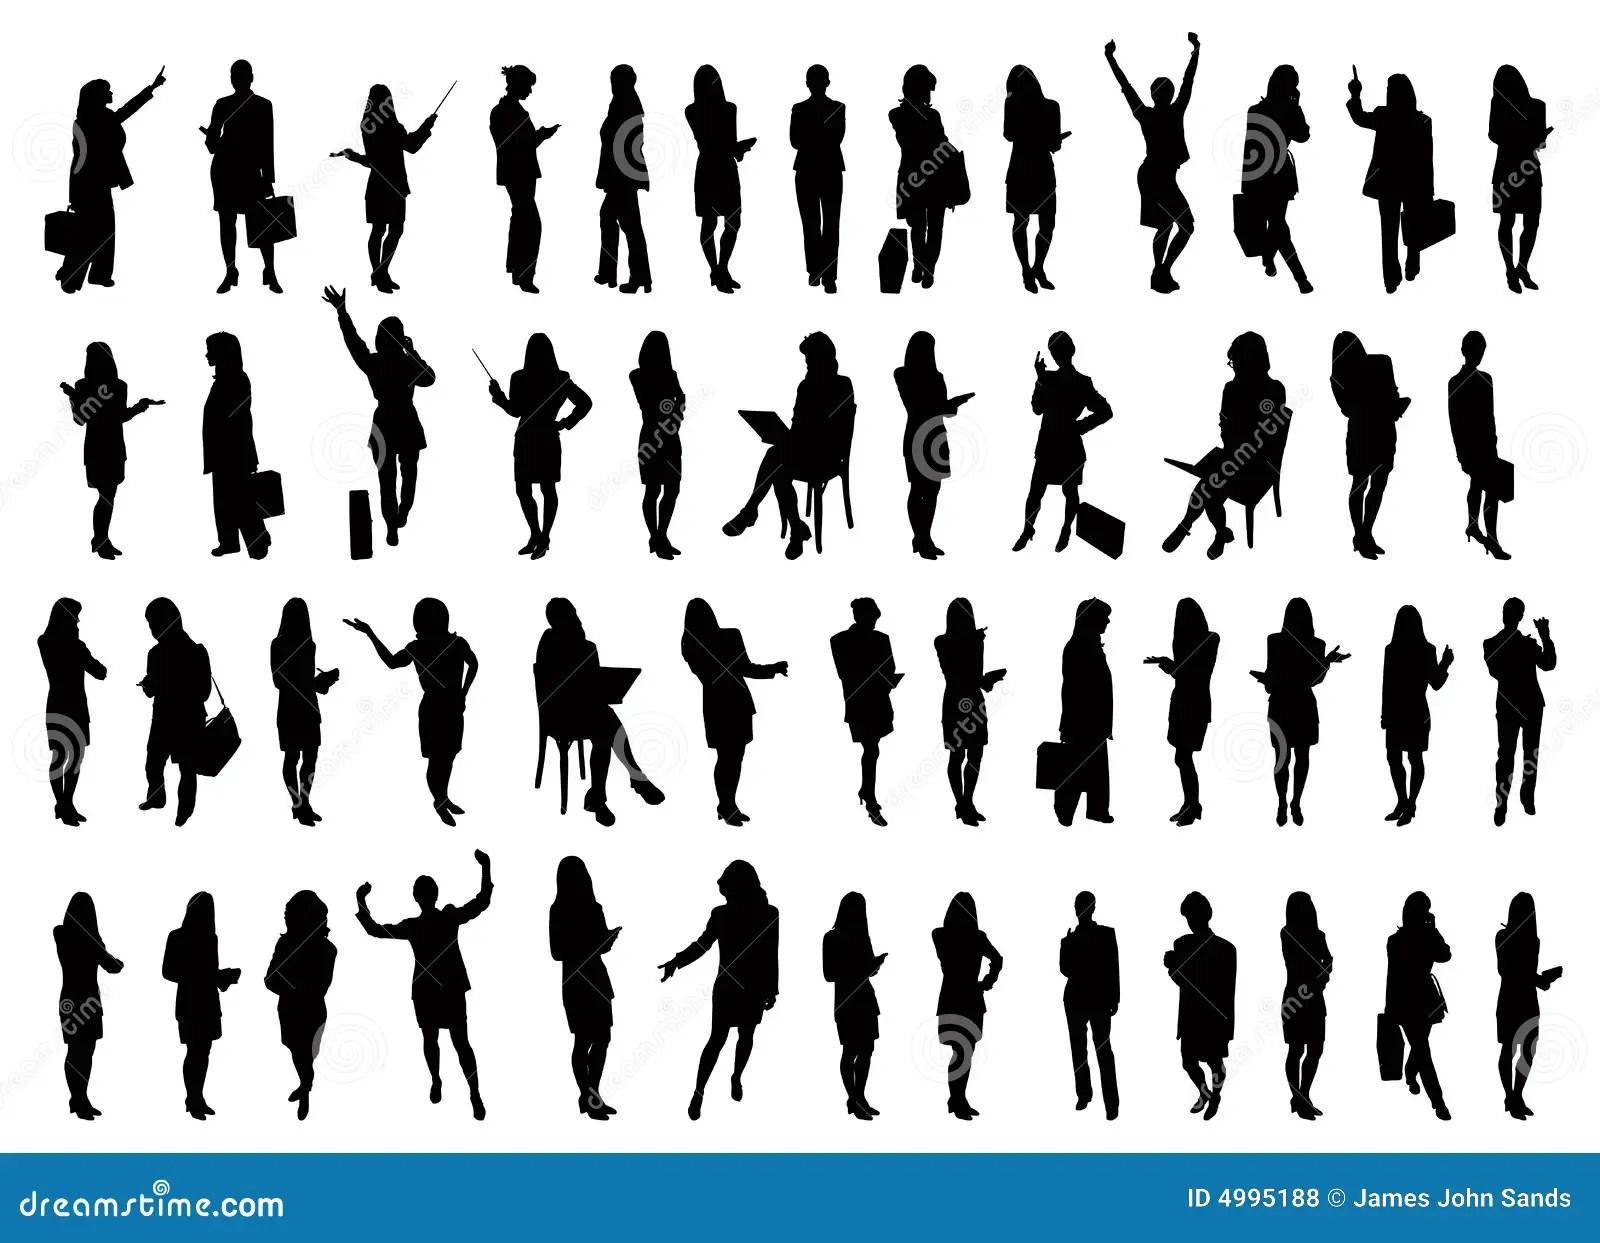 50 Businesswomen Silhouettes Royalty Free Stock Photos